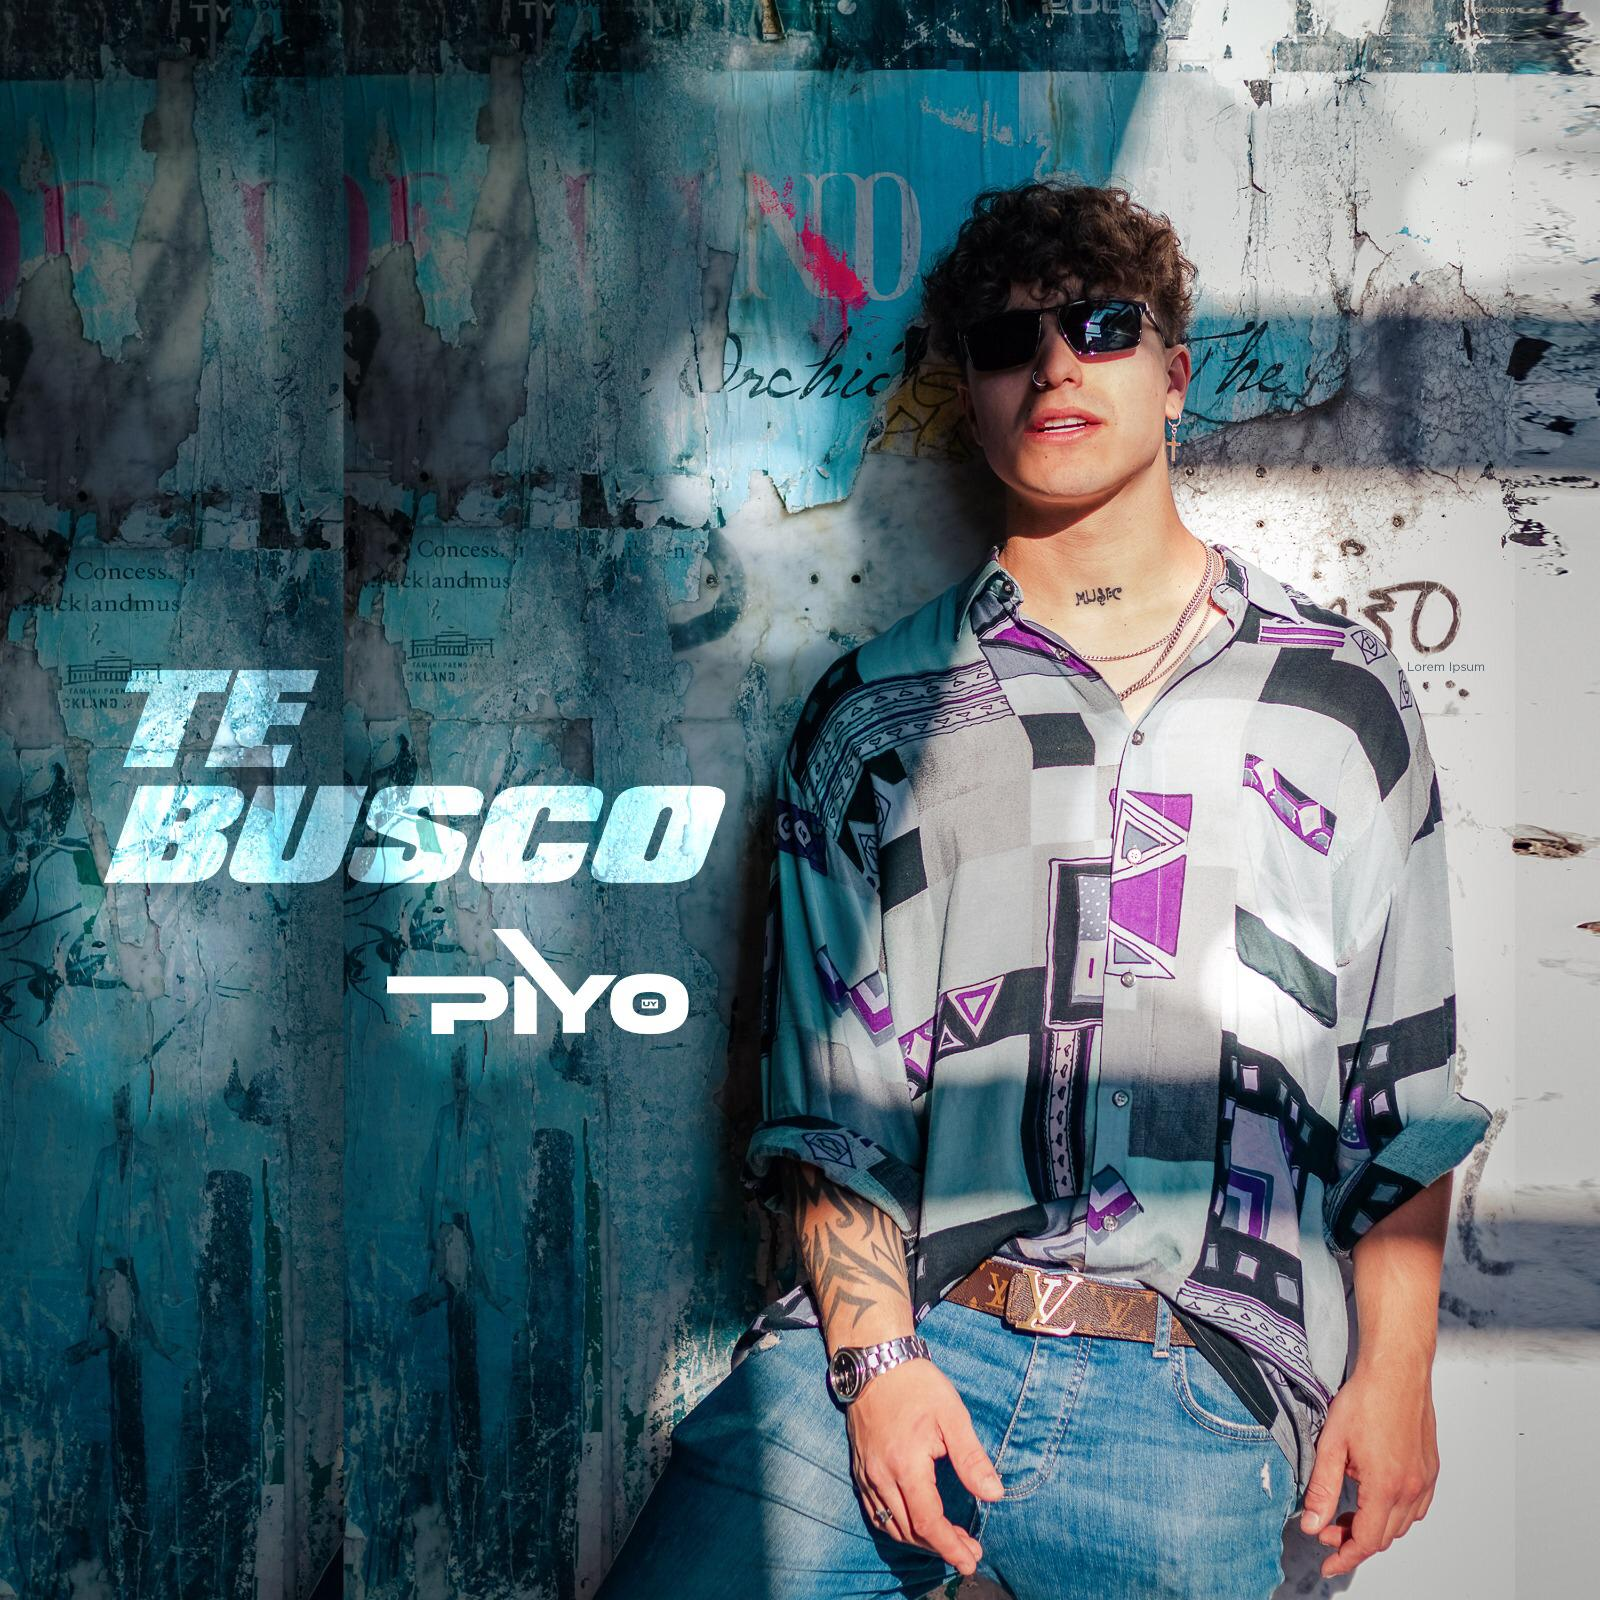 PIYO, EL ARTISTA URUGUAYO PIONERO EN EL TRAP'ND POP